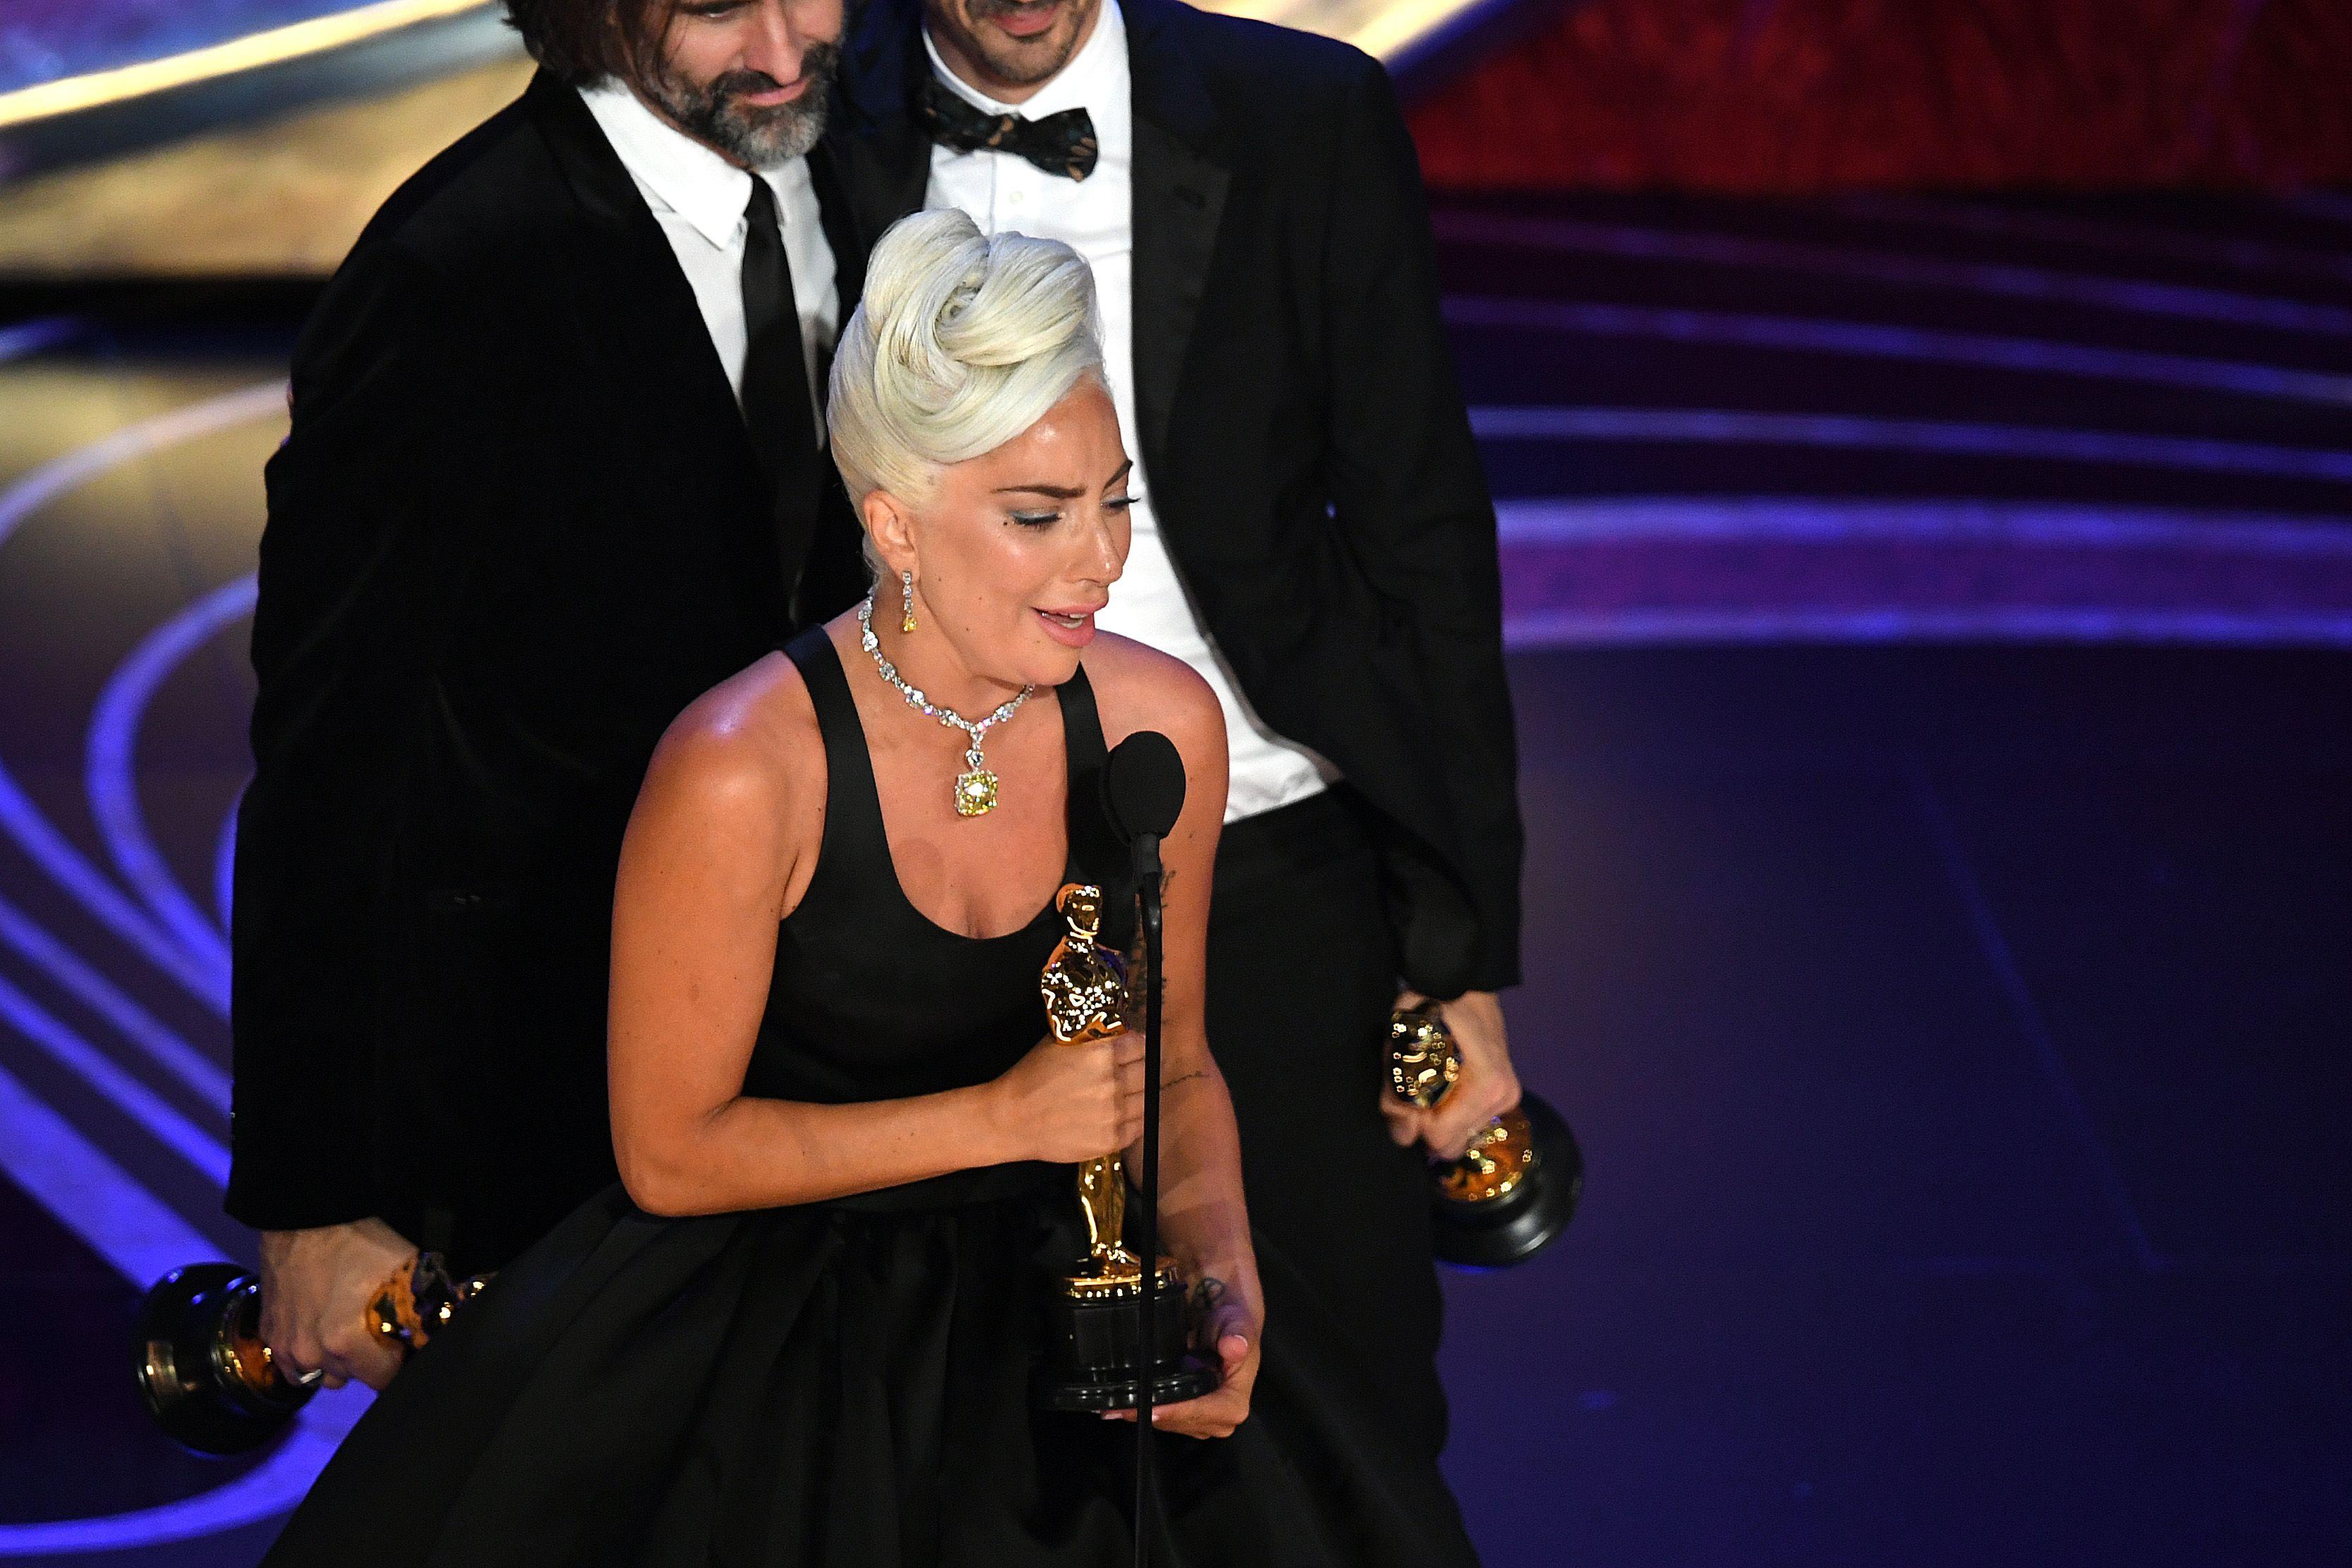 Oscars 2019: Lady Gaga gana el Oscar a Mejor Canción por 'Shallow' - Palmarés Oscars 2019